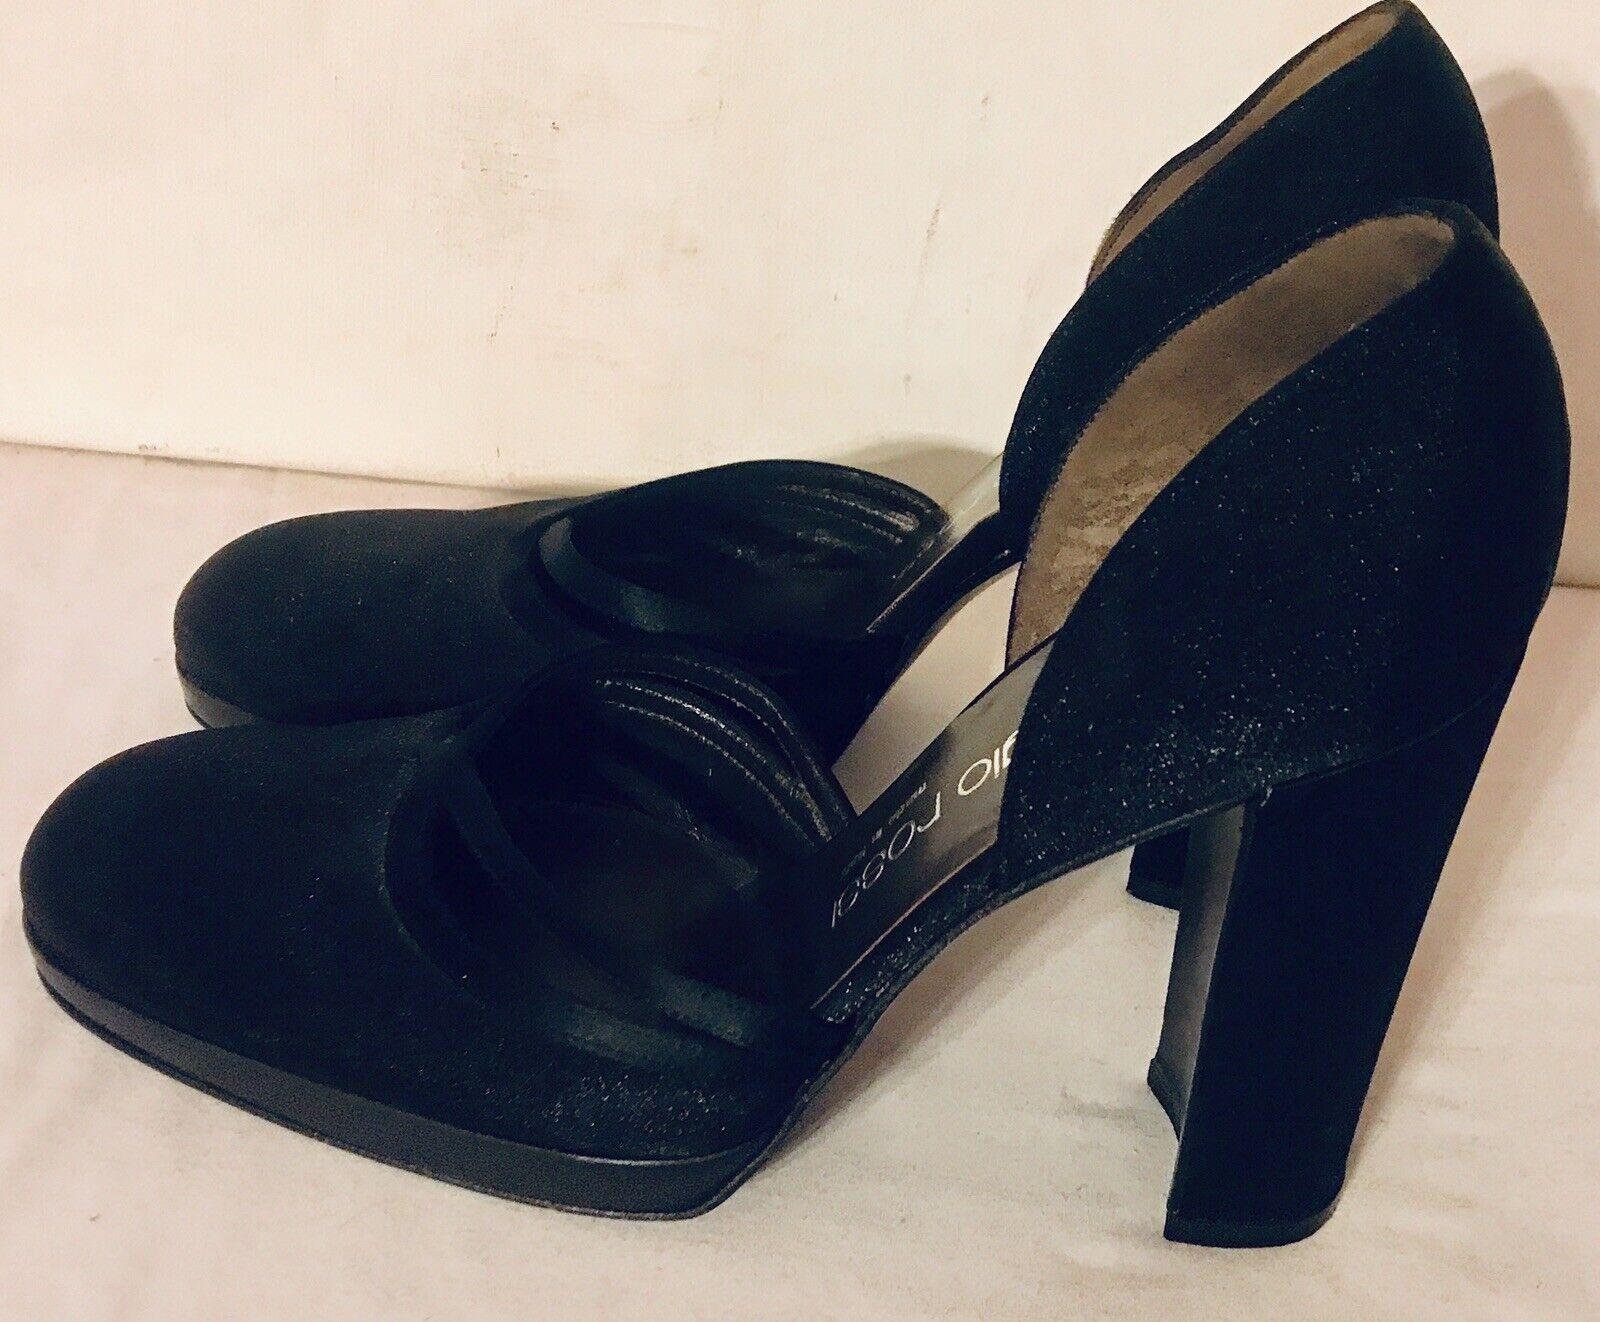 outlet online Sergio Rossi donna's nero nero nero Leather Block Heels D'Orsays Dimensione 7M 38 EUC  acquisto limitato